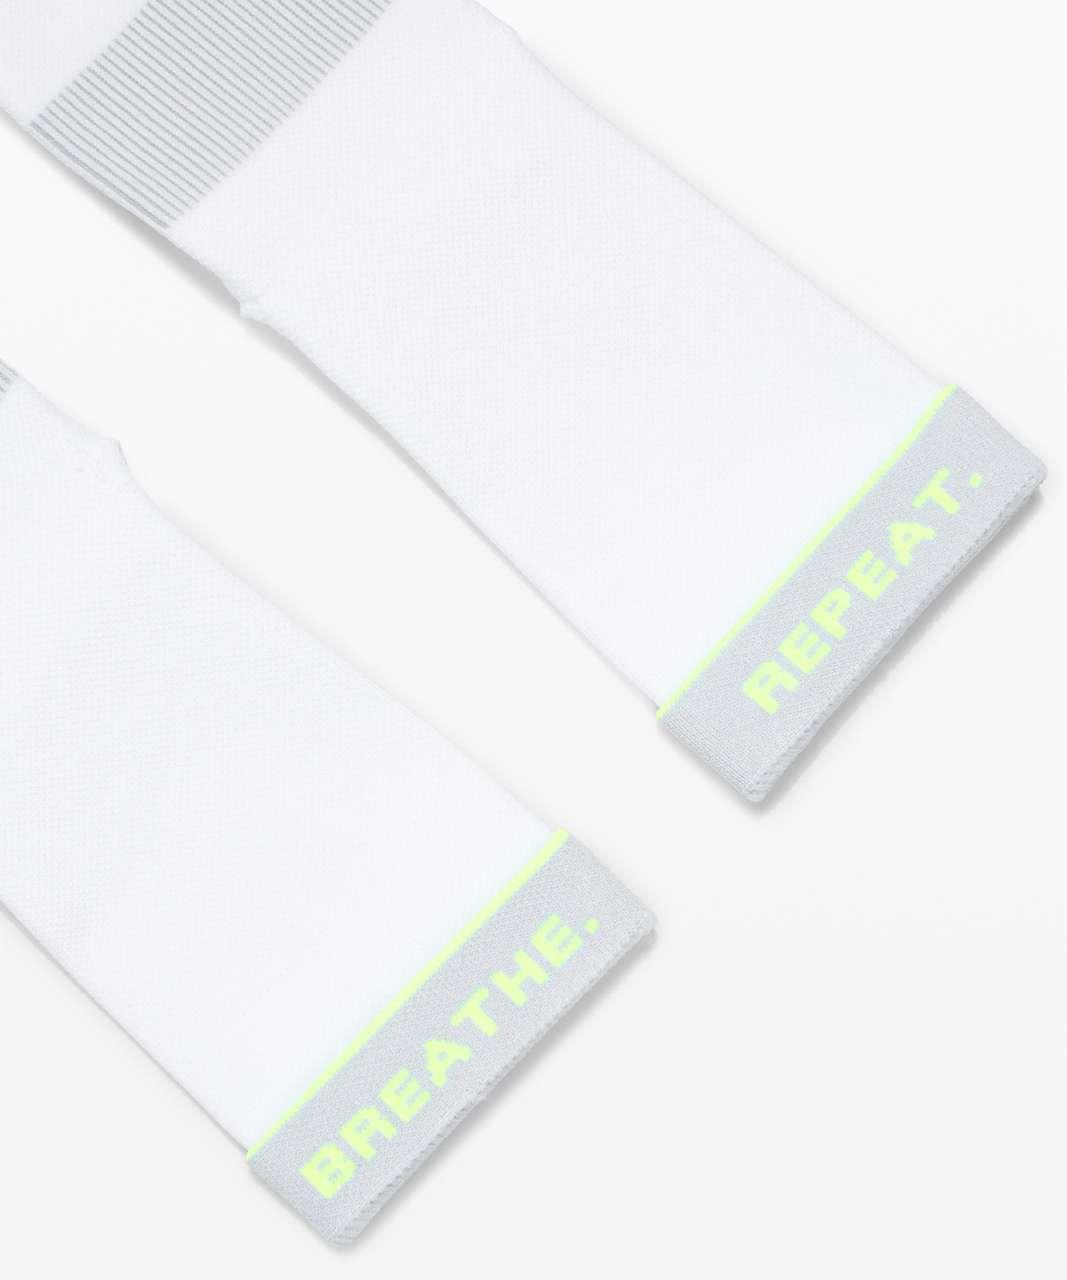 Lululemon Power Stride Crew Sock *Stripe - White / Highlight Yellow